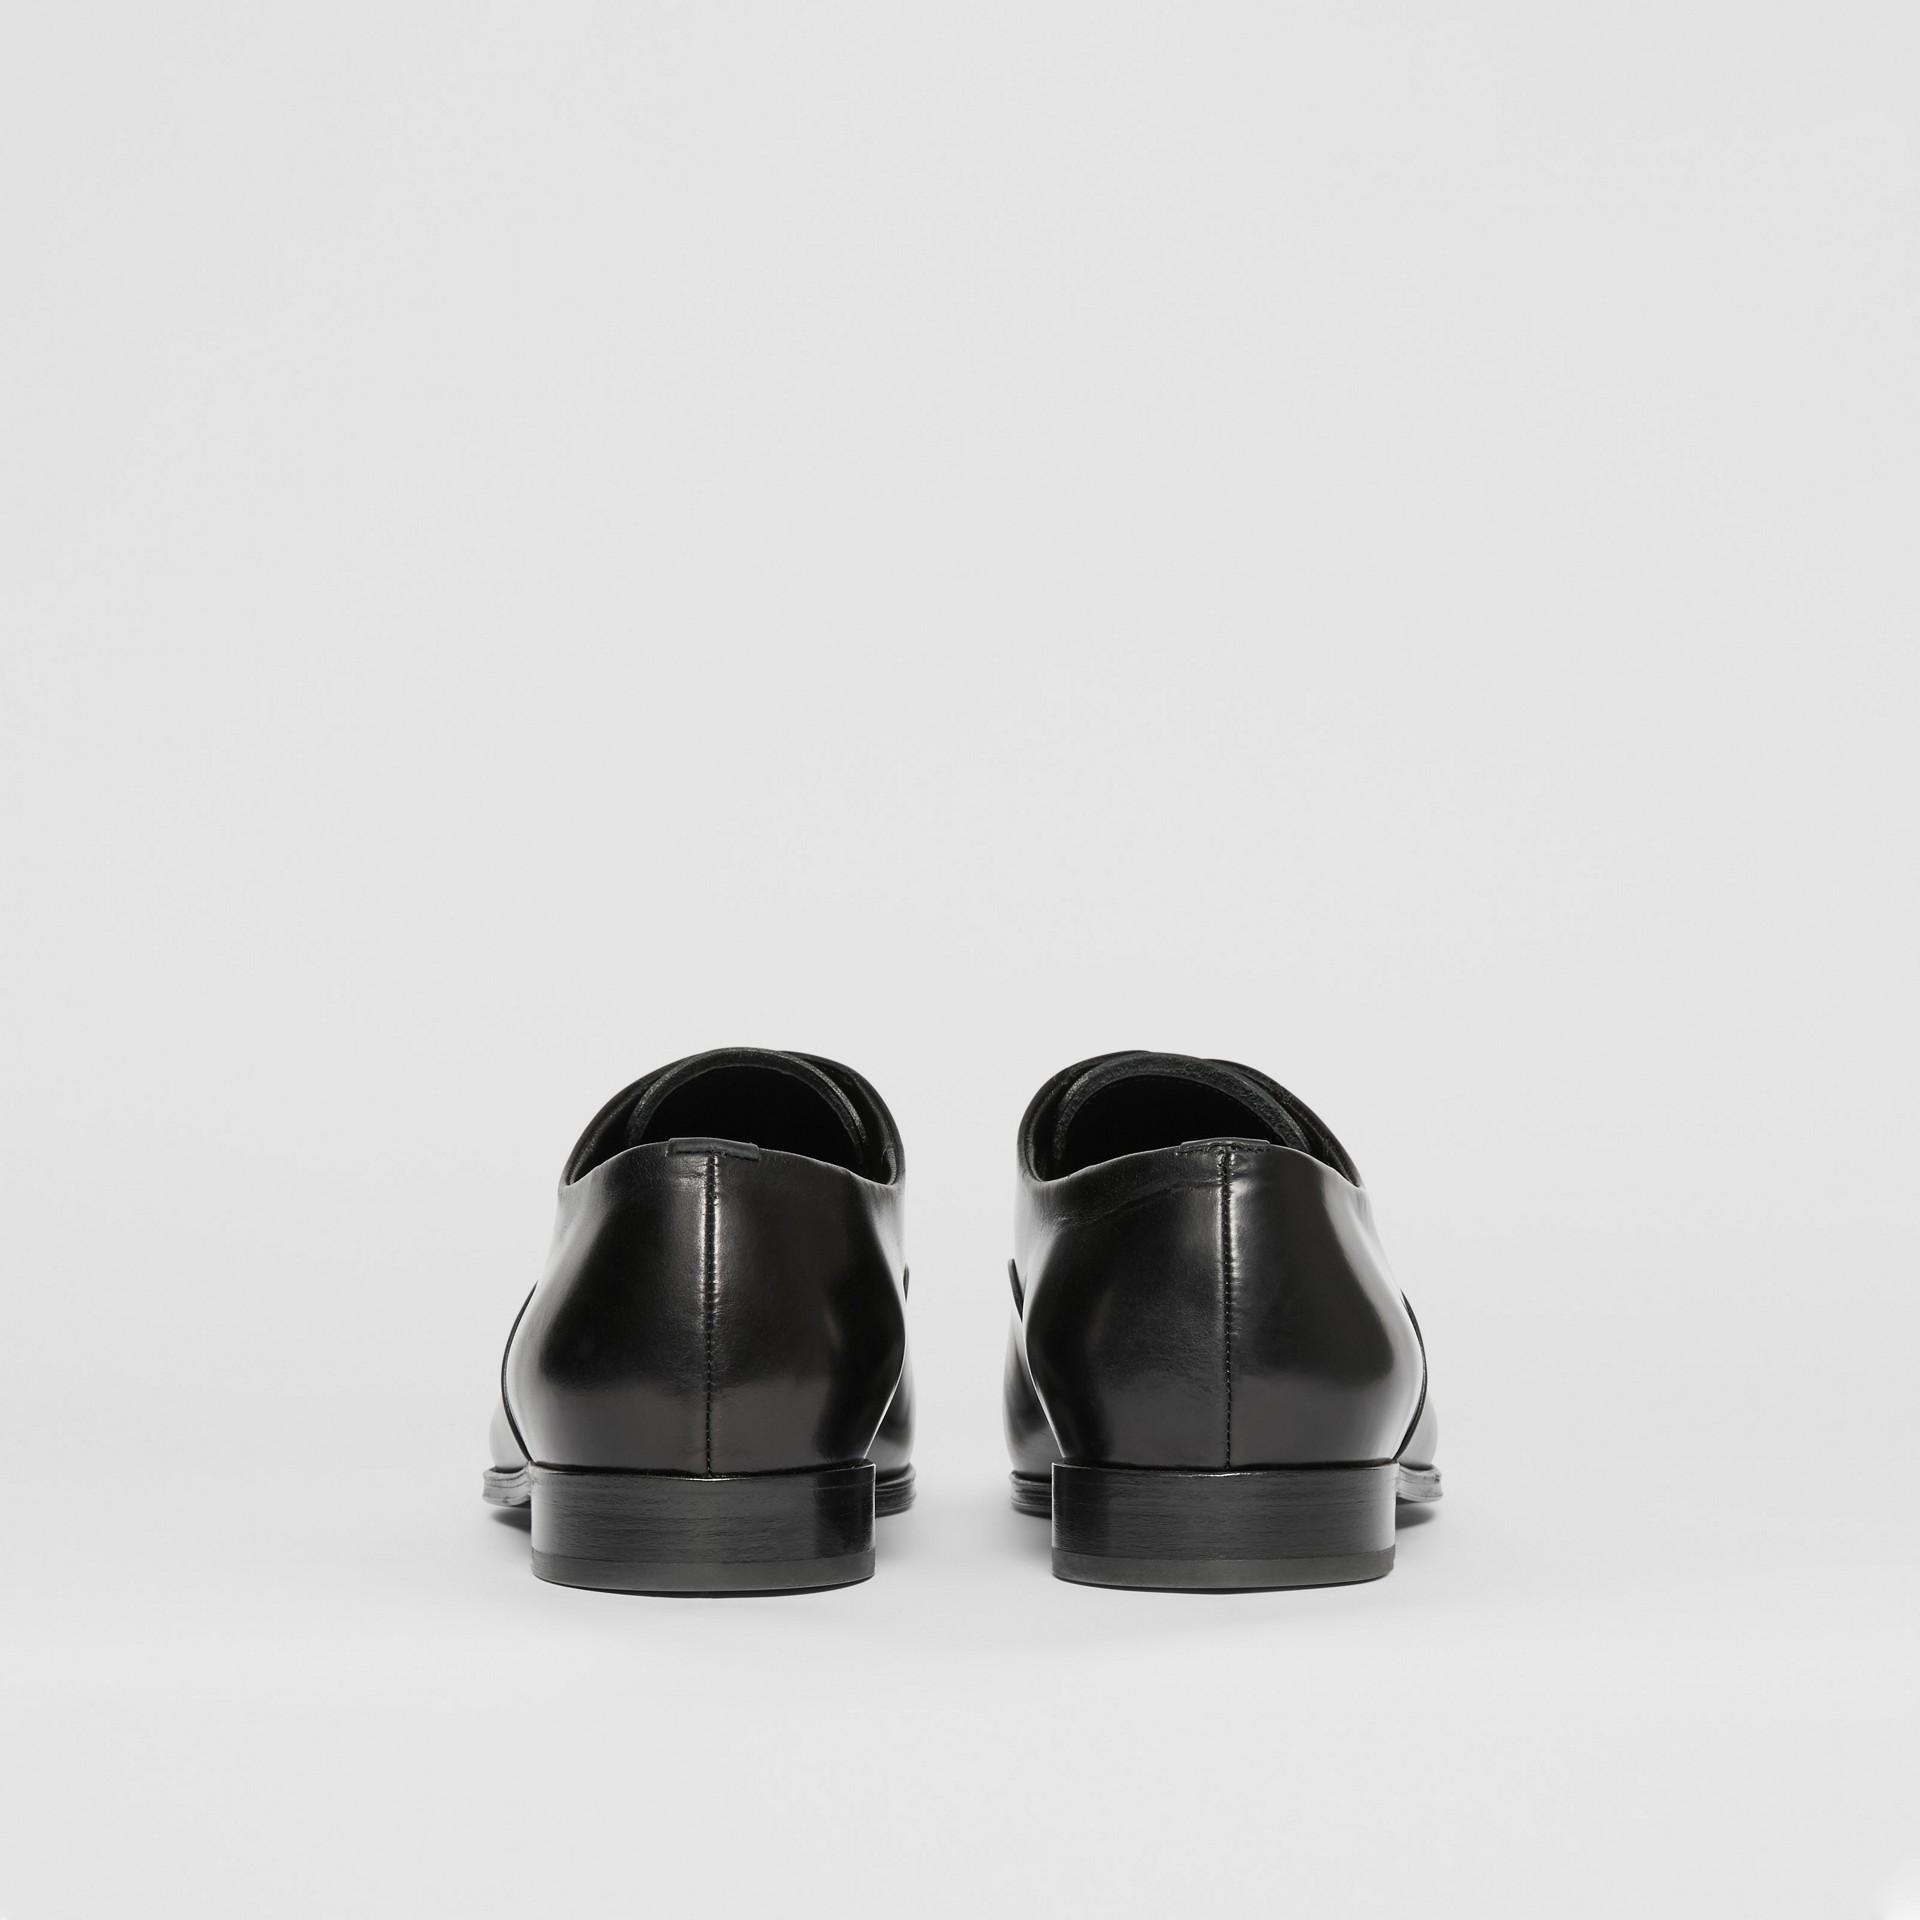 レザー・オックスフォードシューズ (ブラック) - メンズ | バーバリー - ギャラリーイメージ 3